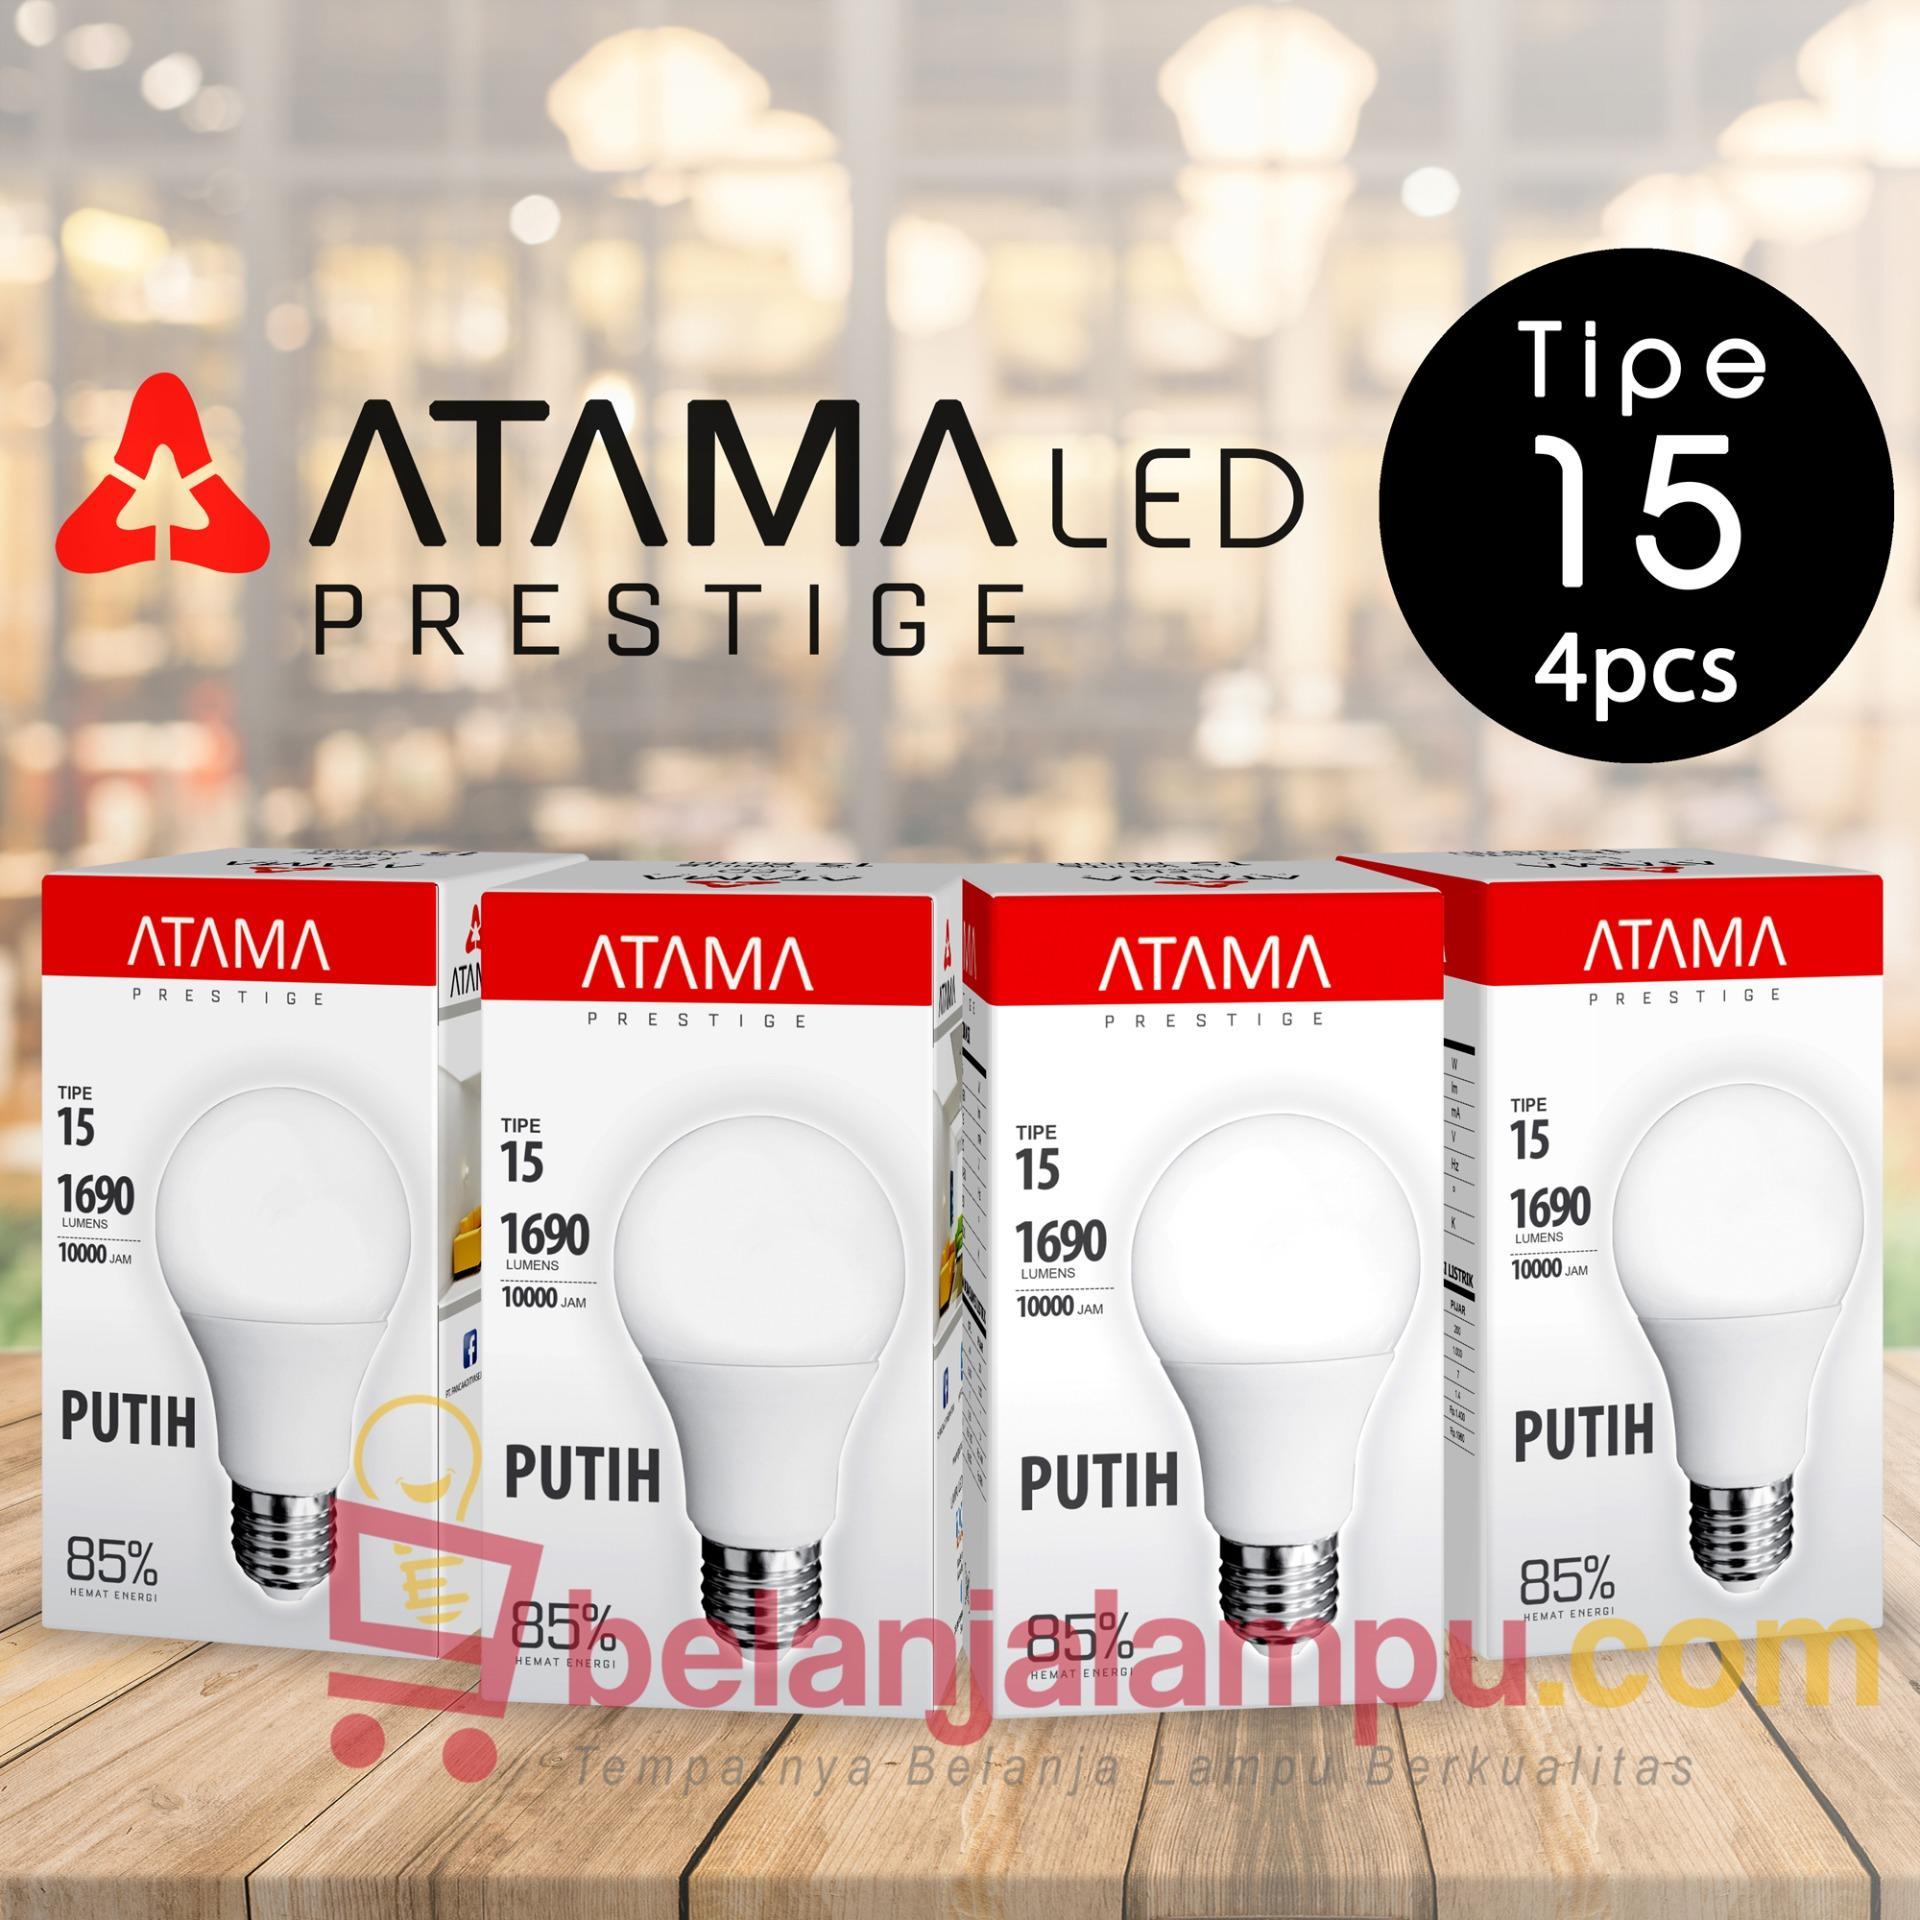 Beli Lampu Atama Prestige Led Tipe 15 Putih 4 Pcs Dengan Pendingin Heatsink Pake Kartu Kredit